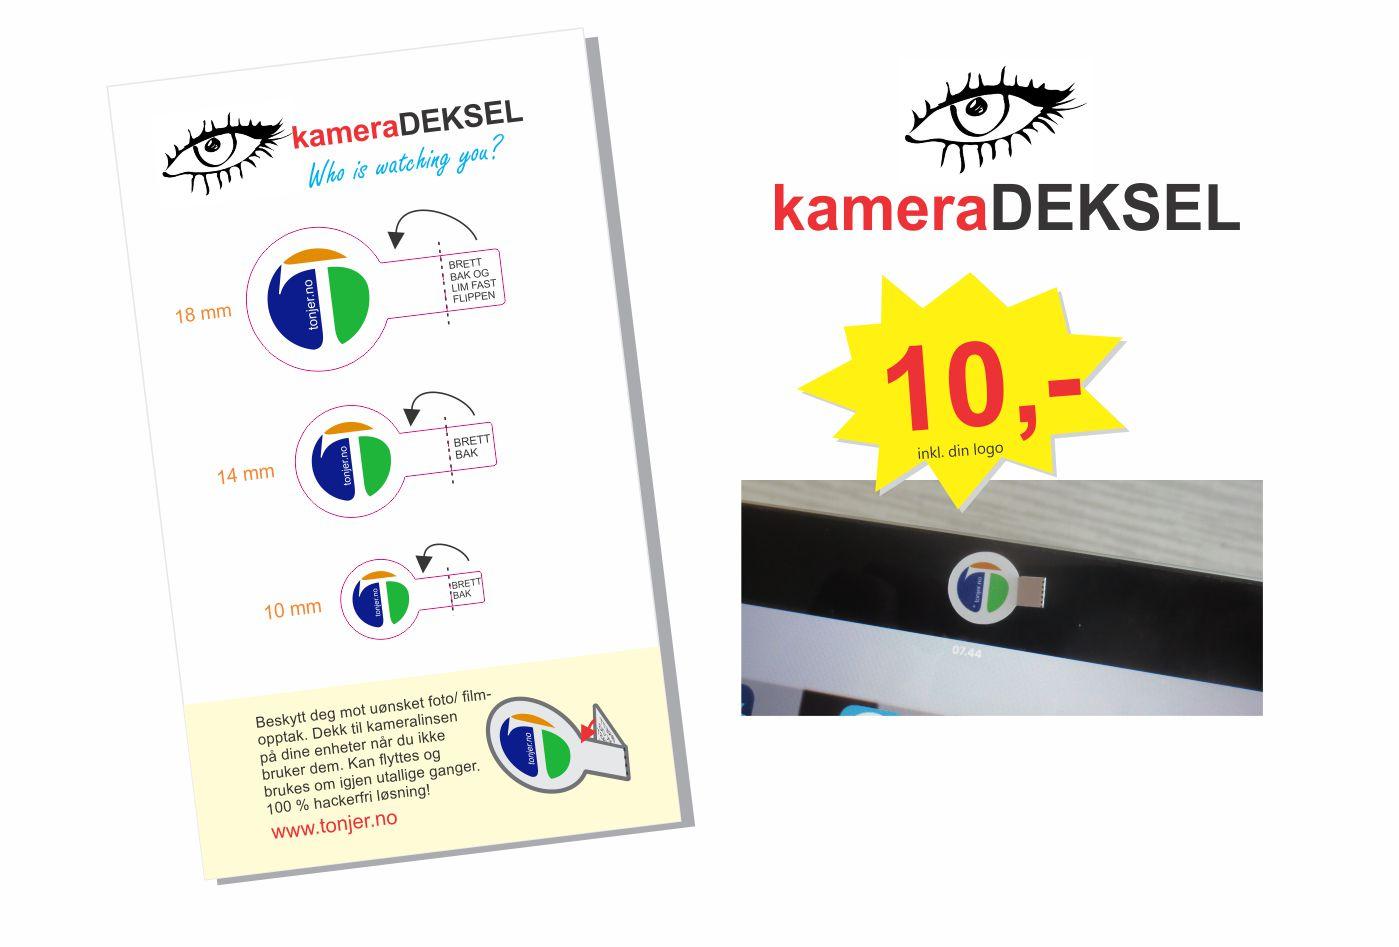 webcam-cover-1400pxl